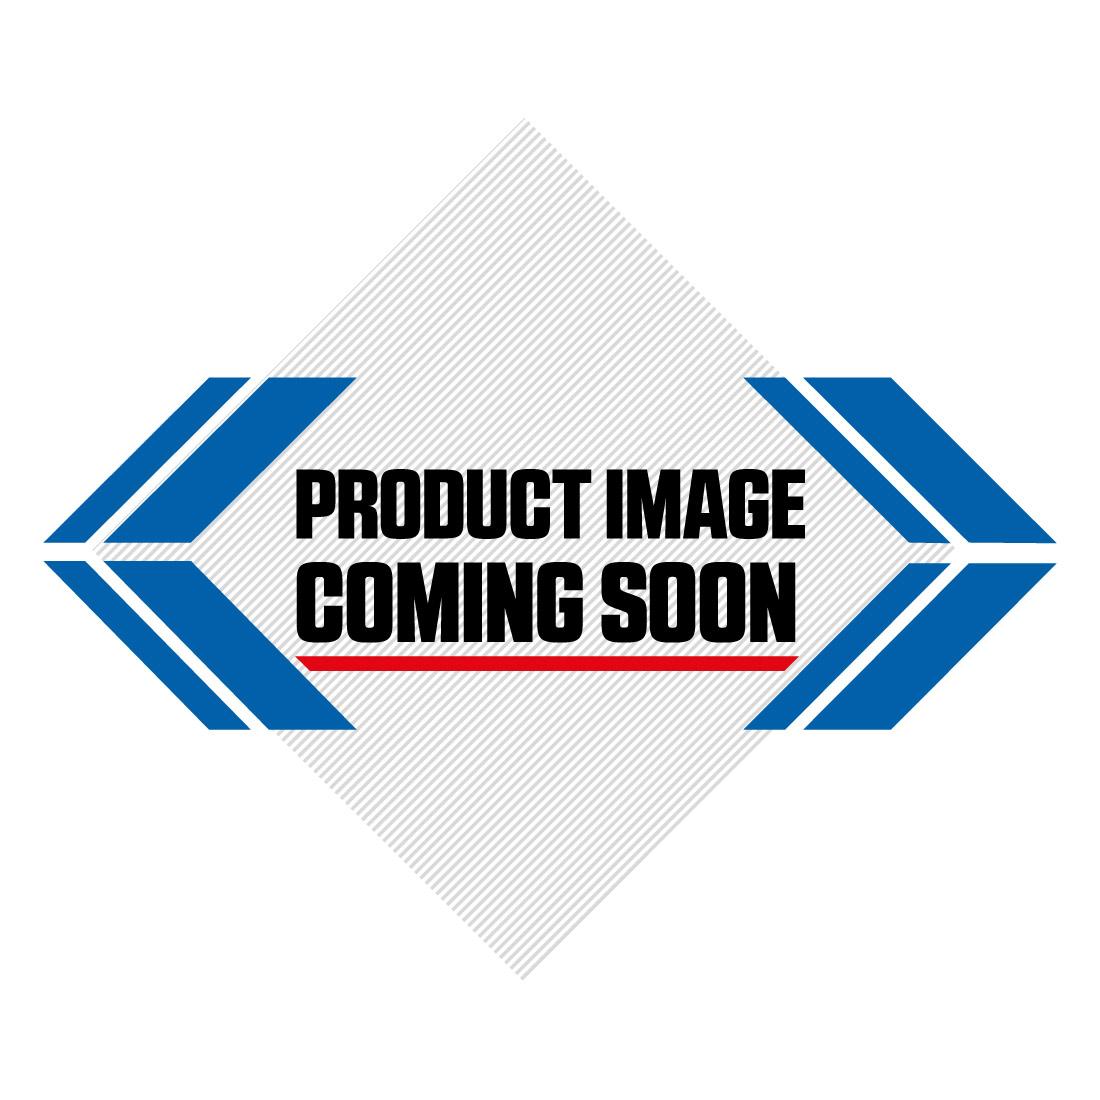 UFO Honda Plastic Kit CRF 110F (19-21) OEM Factory Image-3>